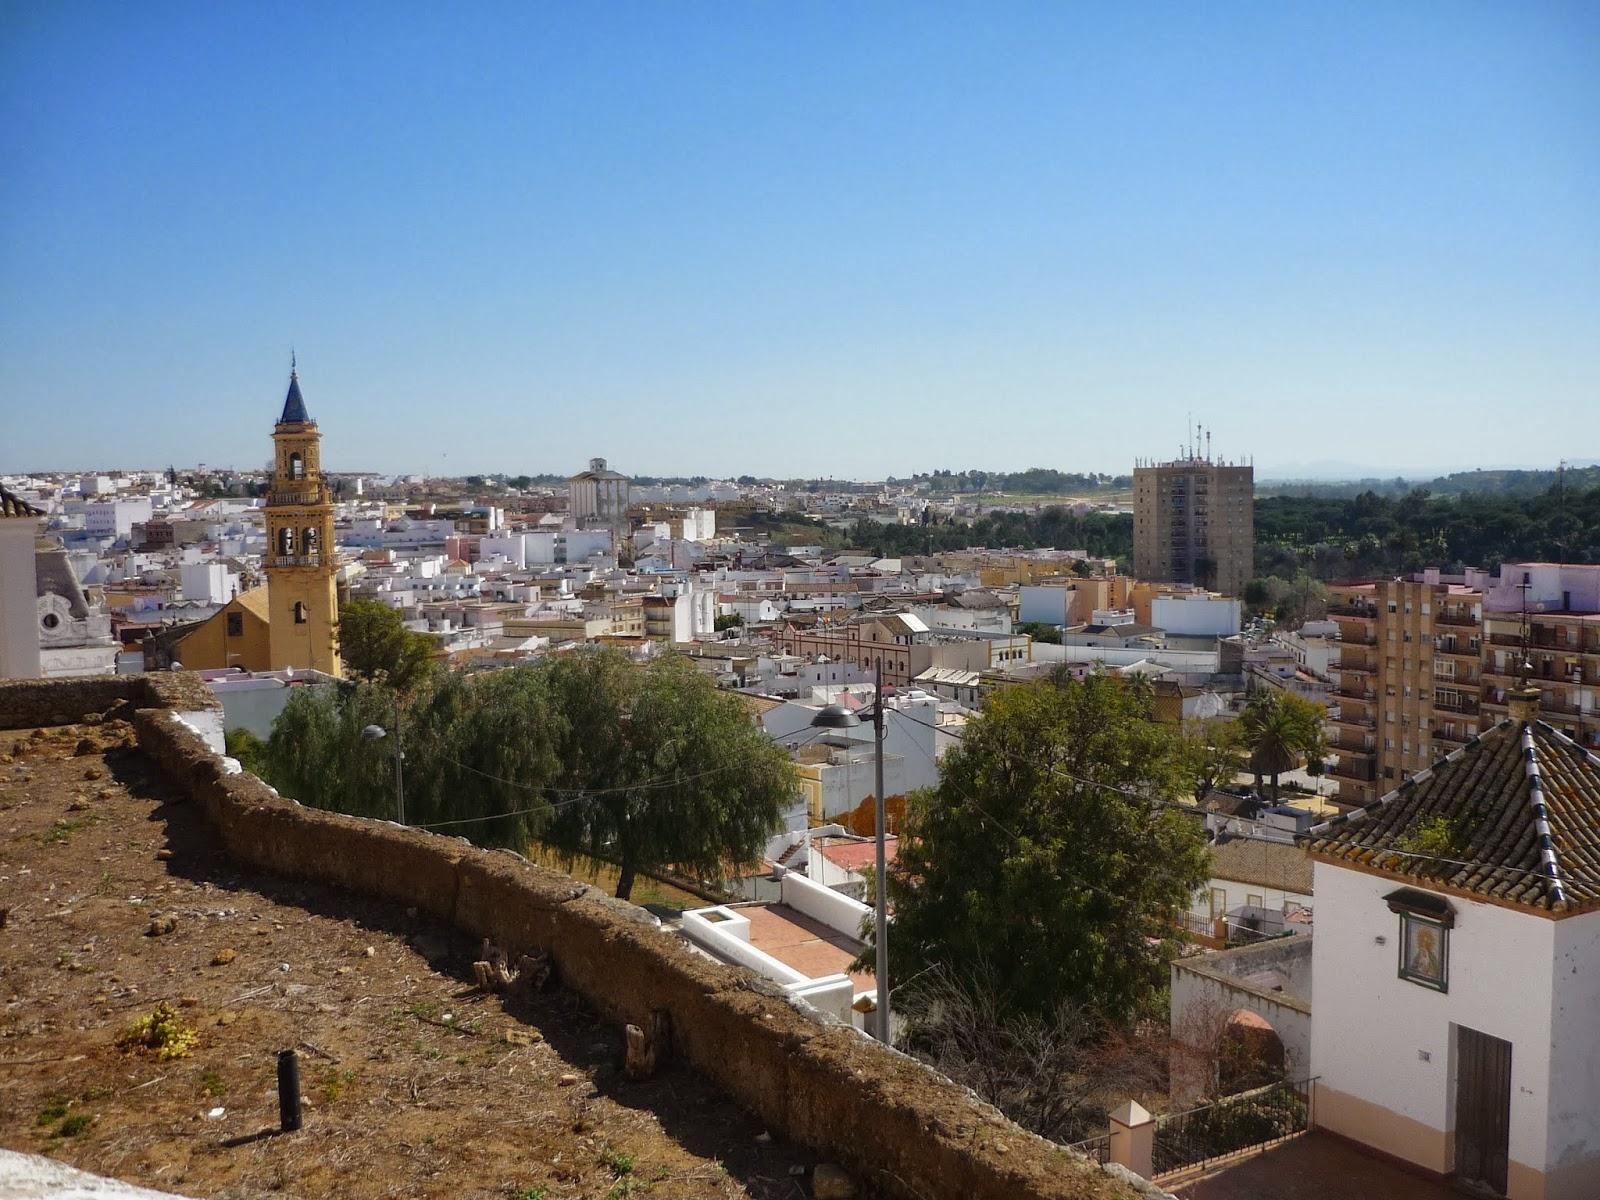 http://redcentros.ced.junta-andalucia.es/centros-tic/41000481/helvia/sitio/index.cgi?wid_seccion=17&wid_item=57